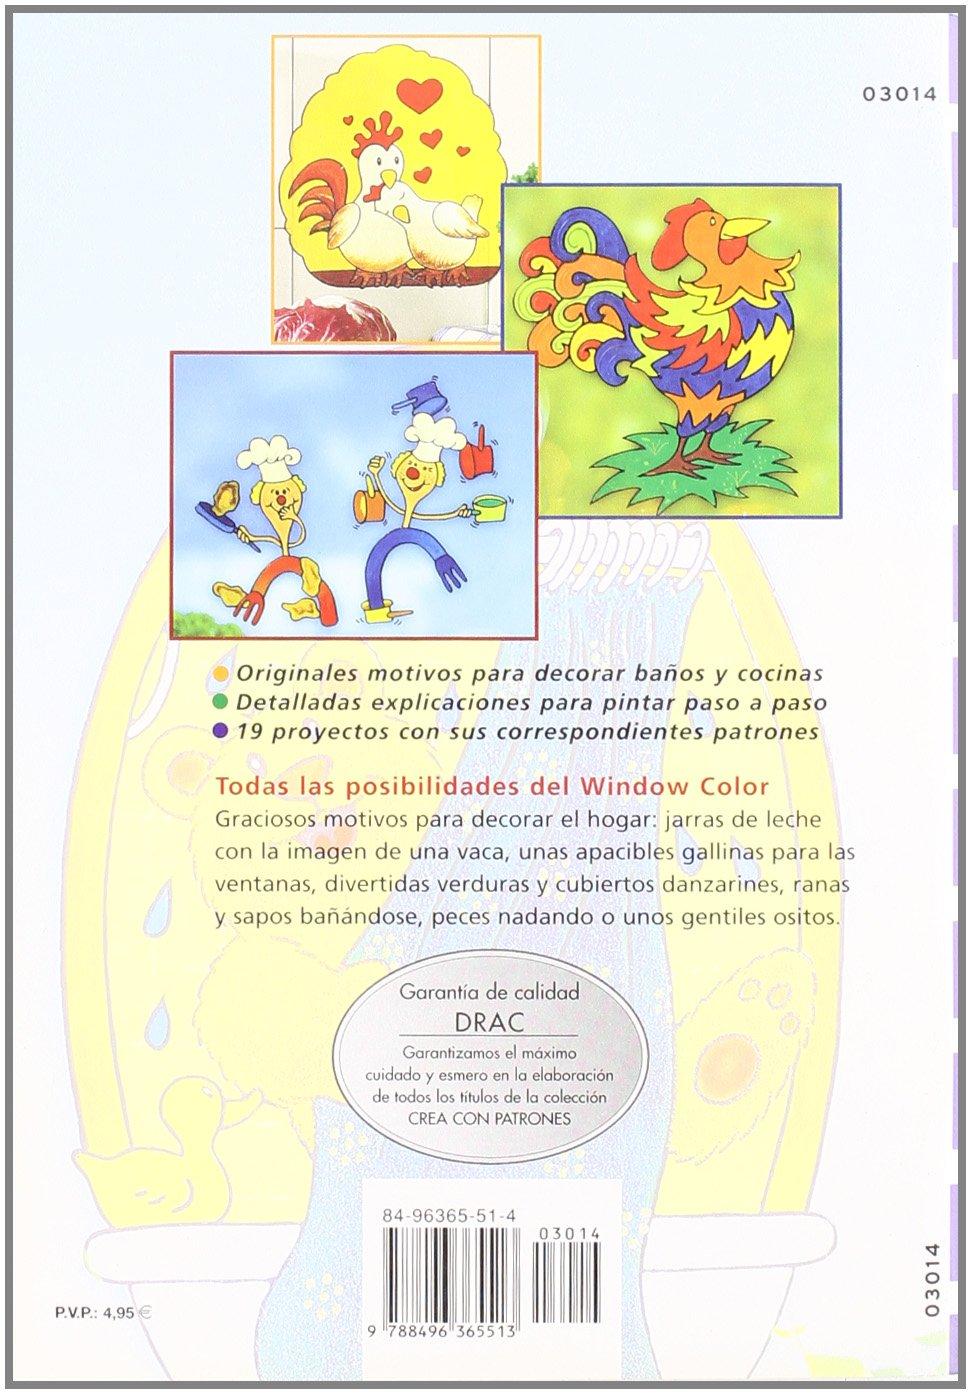 Nuevos Motivos para Colorear el Hogar con Window Color: WERNER / STURM, CAROLA SCHULTZ: 9788496365513: Amazon.com: Books